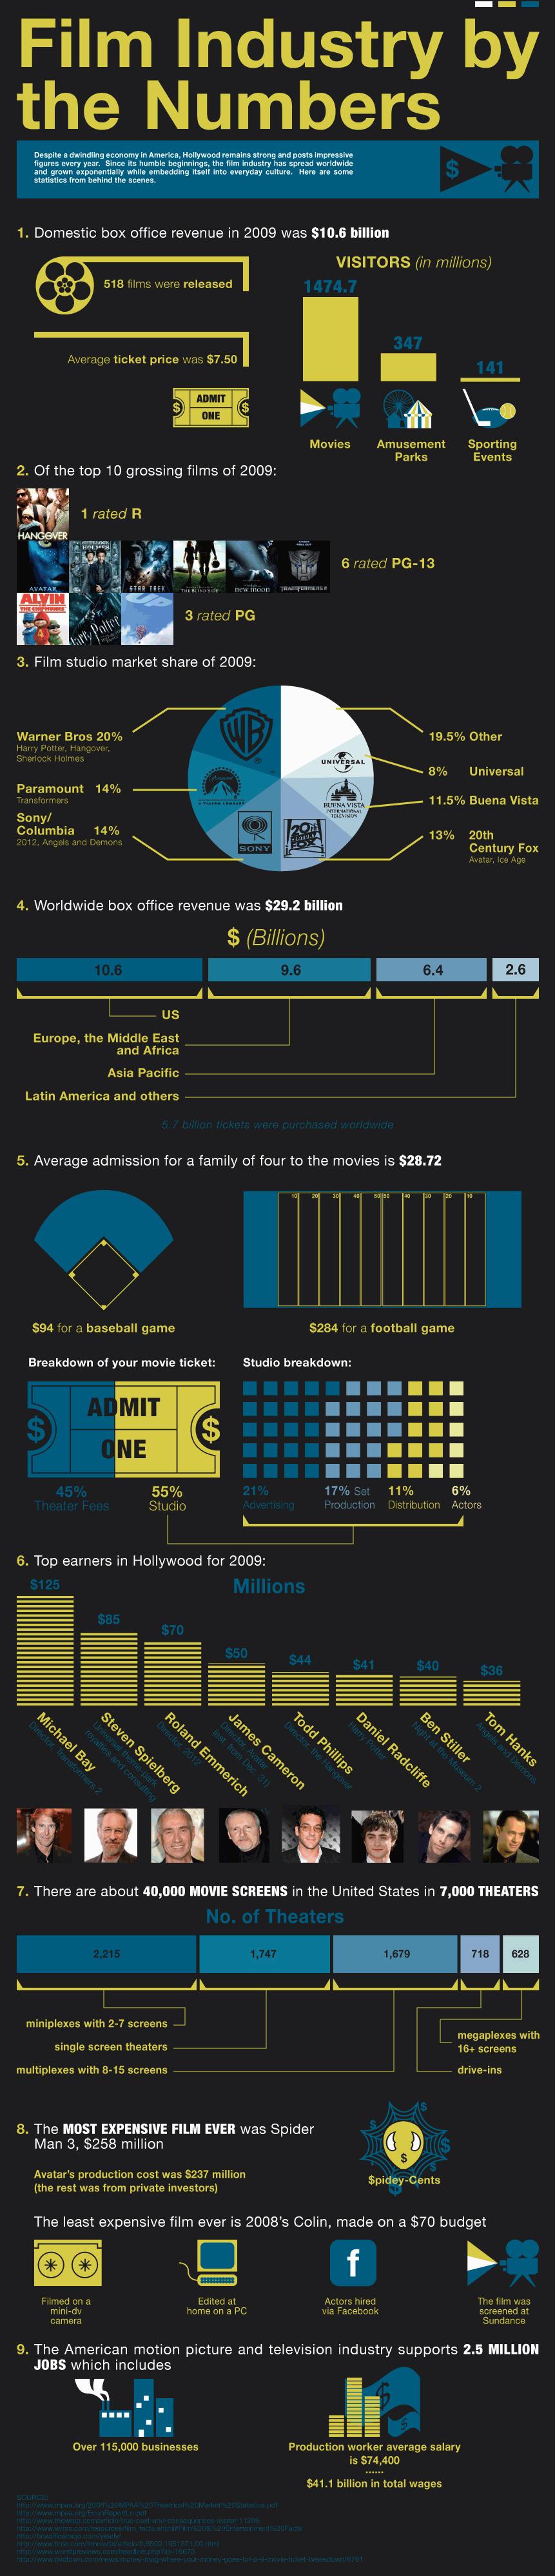 statistiques sur l u0026 39 industrie du cin u00e9ma